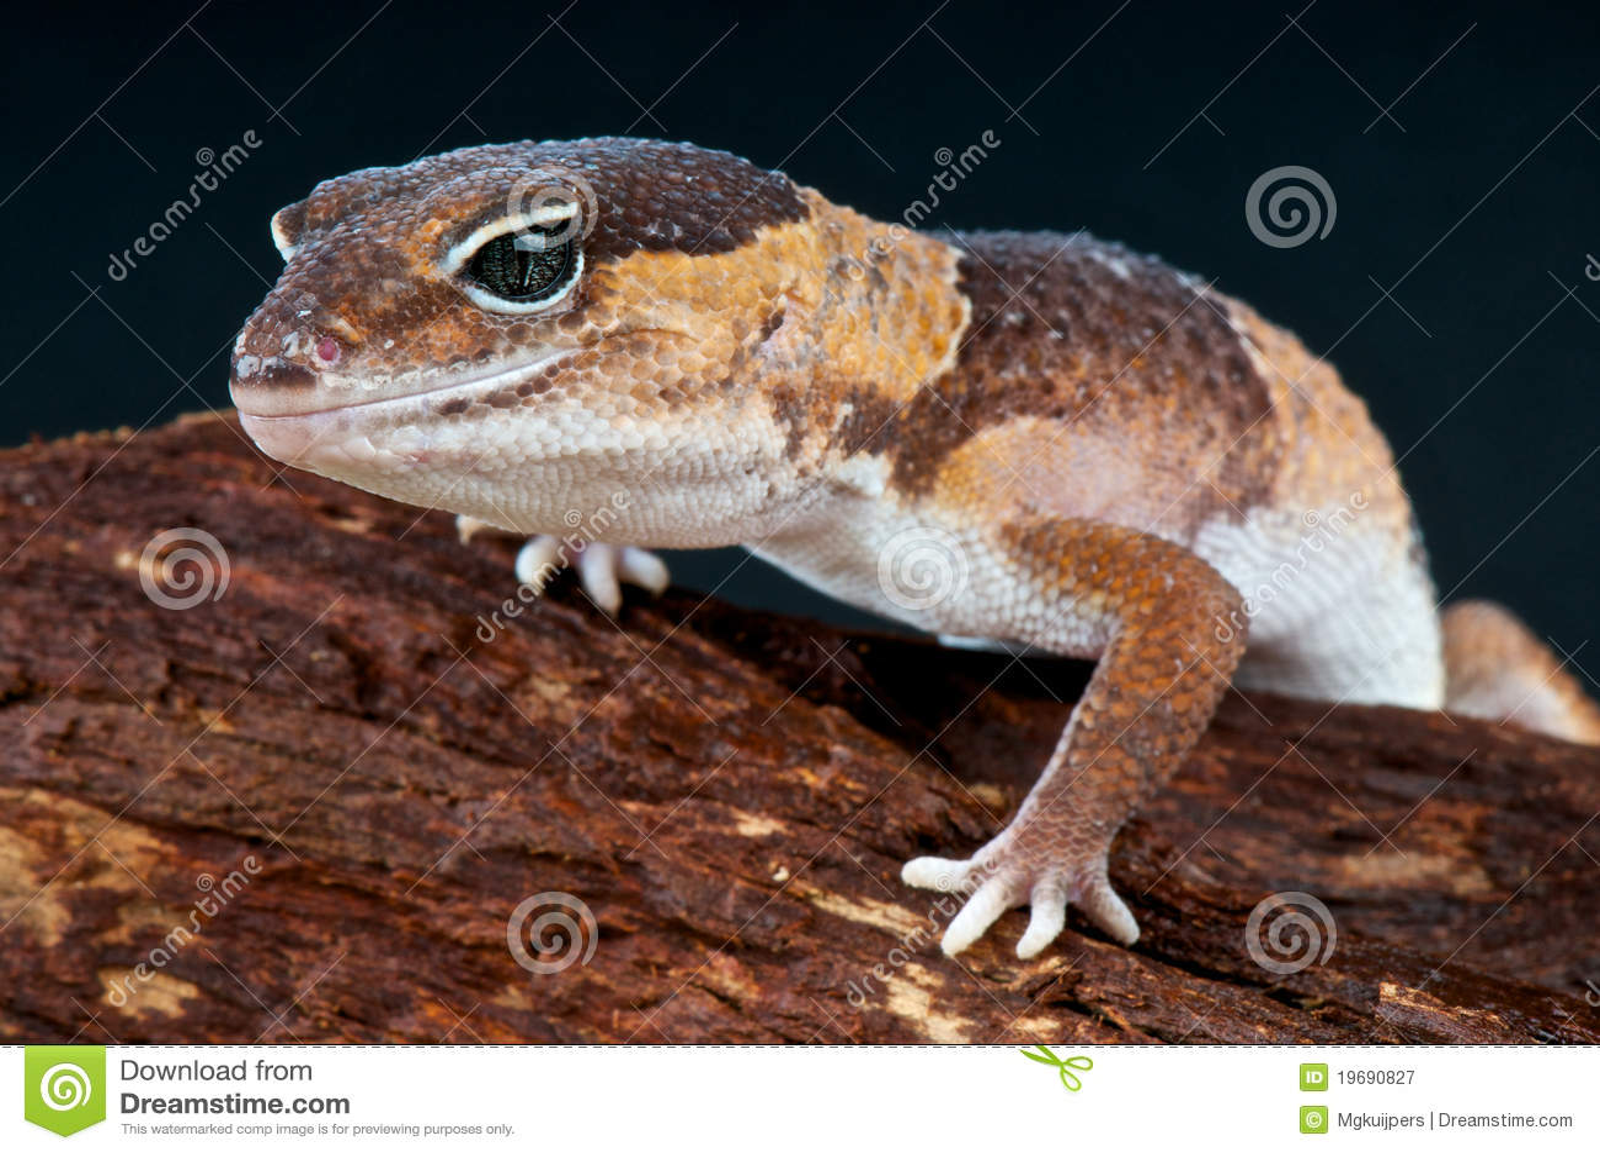 Gecko à queue adipeuse